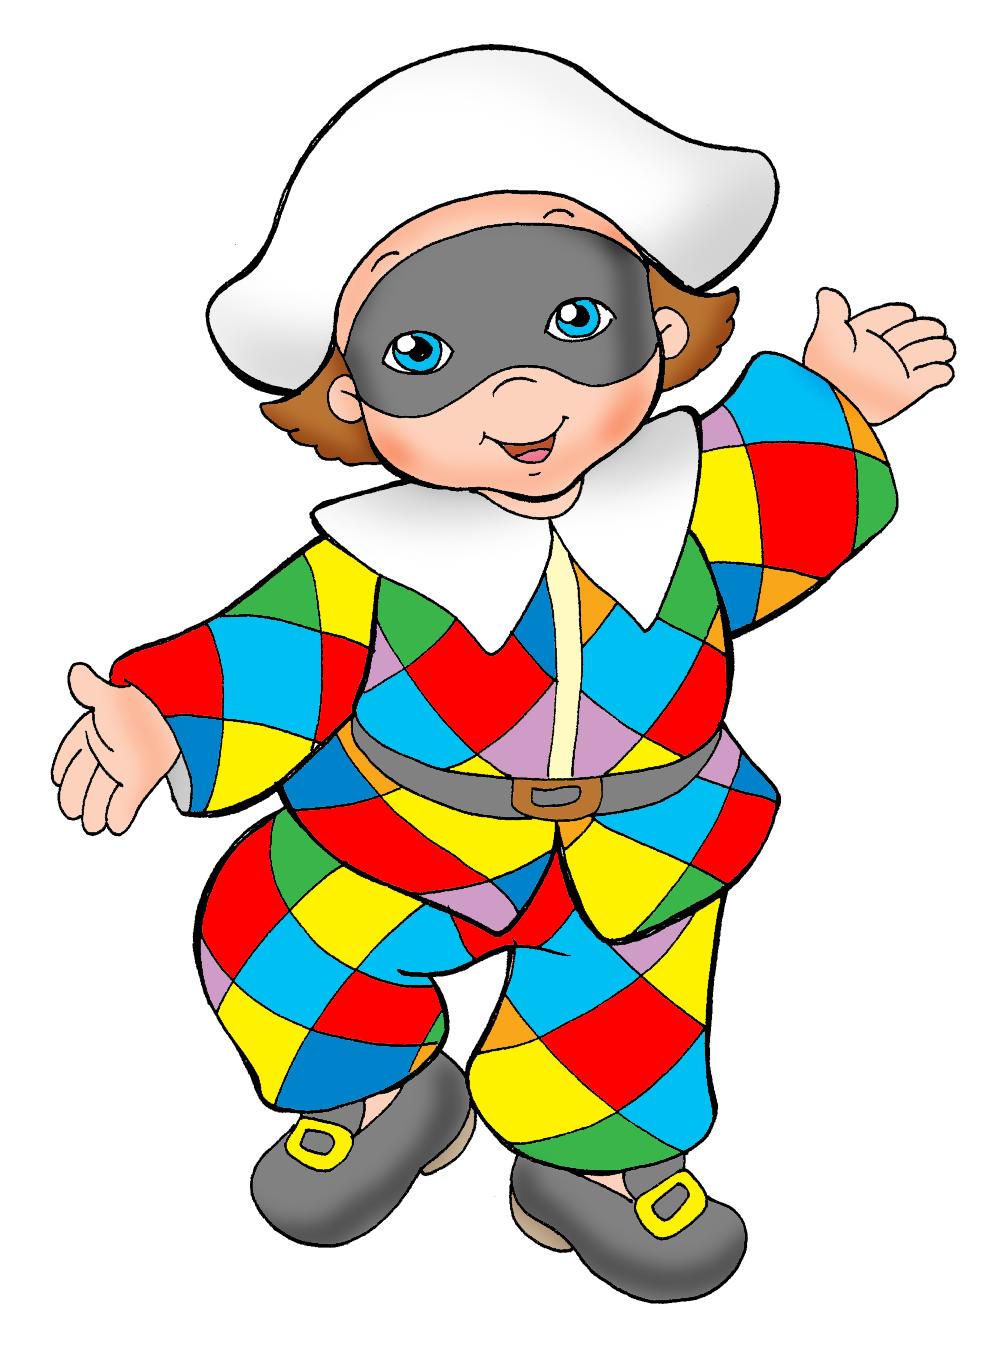 Maschere di carnevale tradizionali le news di scuola da for Maschere di carnevale tradizionali da colorare per bambini da stampare